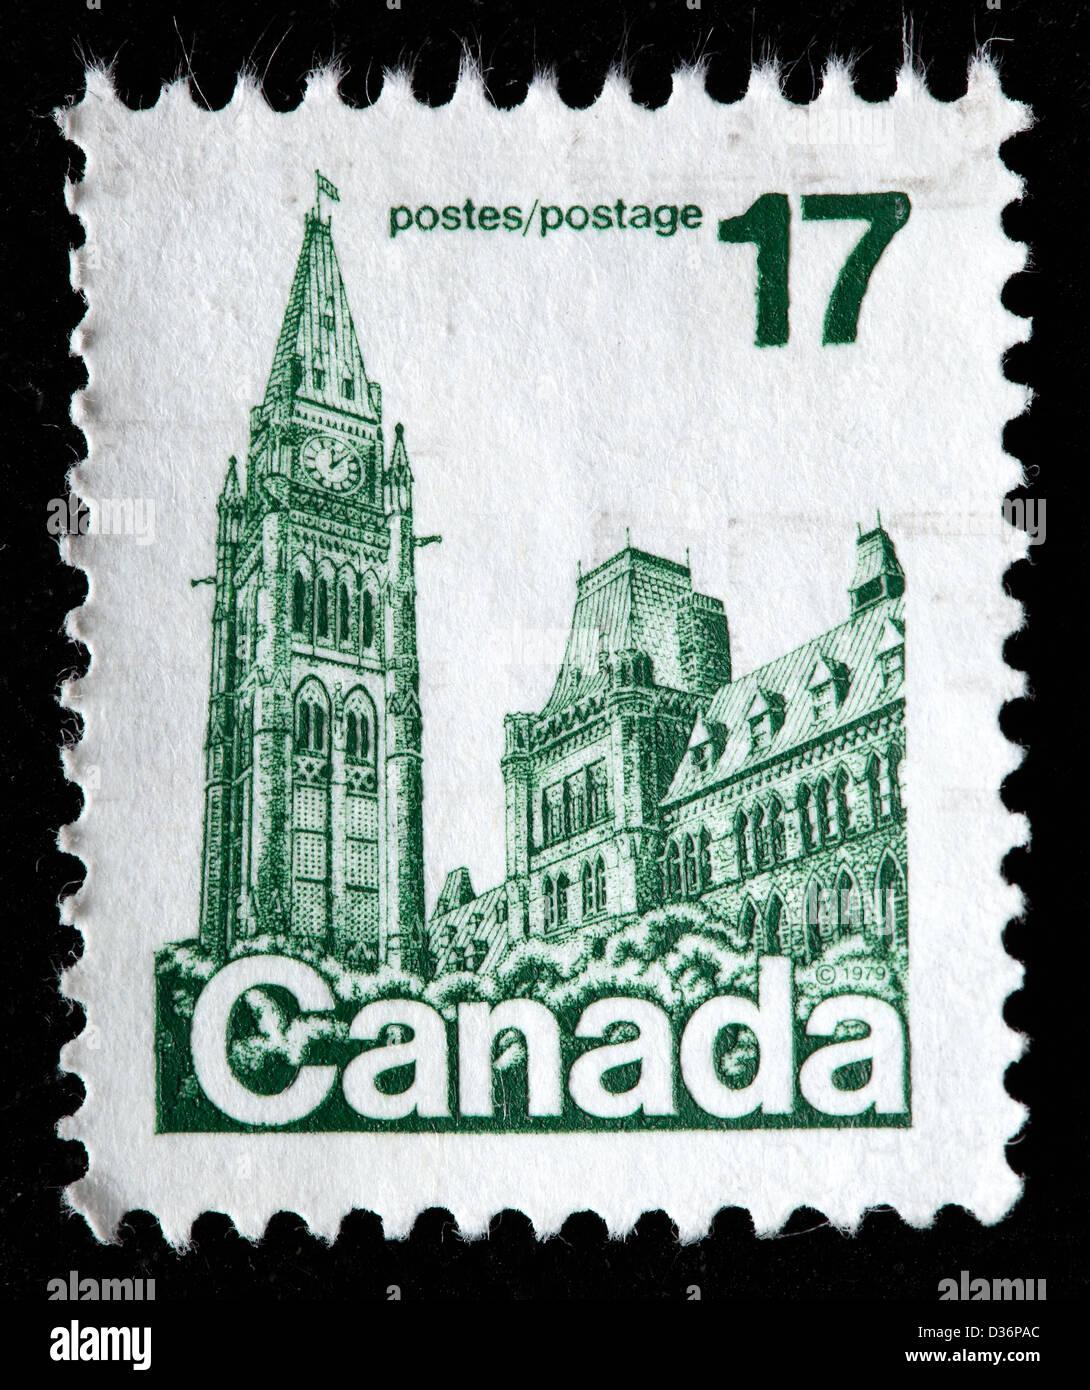 Le Parlement, Ottawa, le timbre-poste, Canada, 1979 Banque D'Images